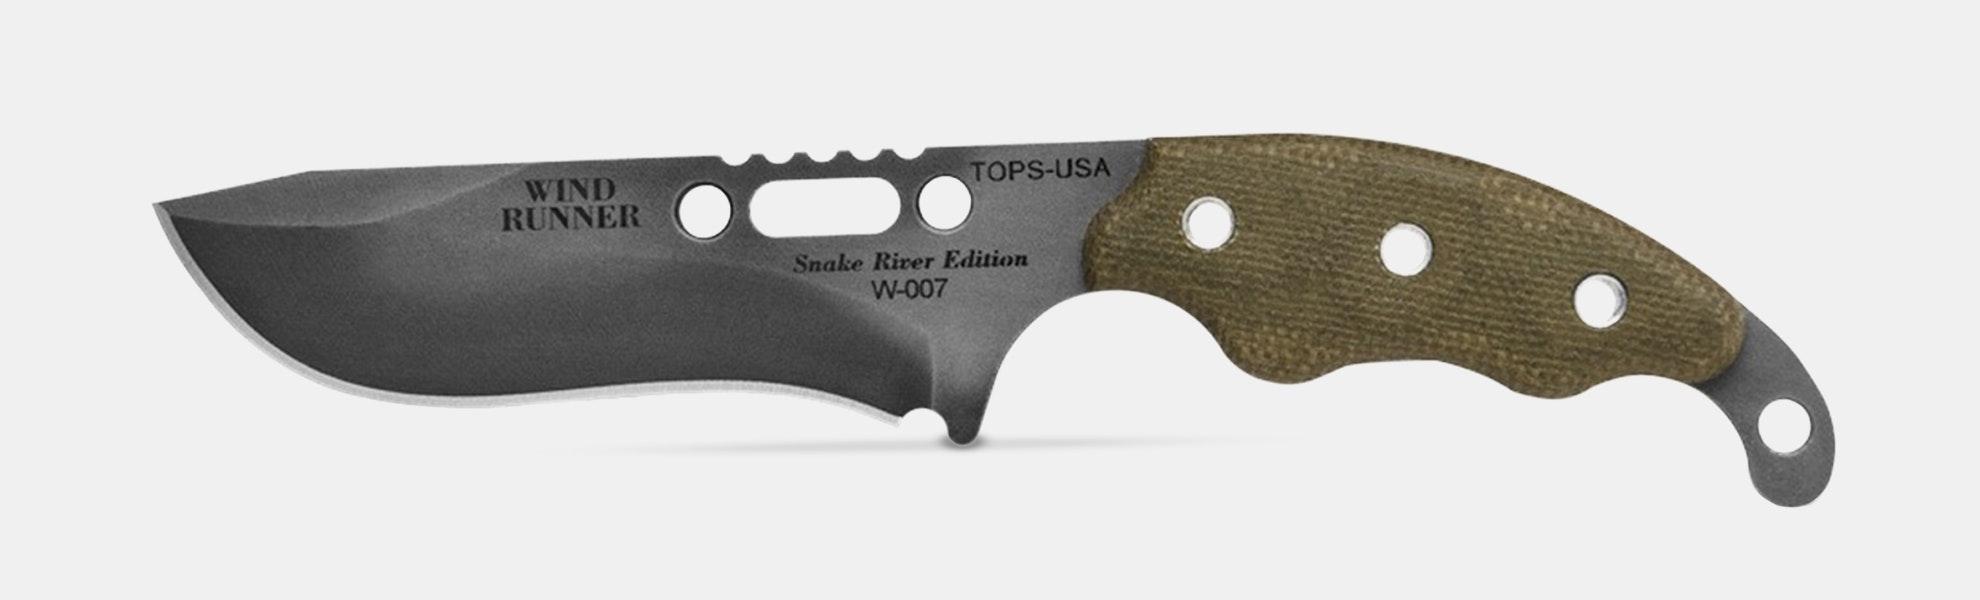 TOPS Wind Runner SRE Fixed Blade/Combo